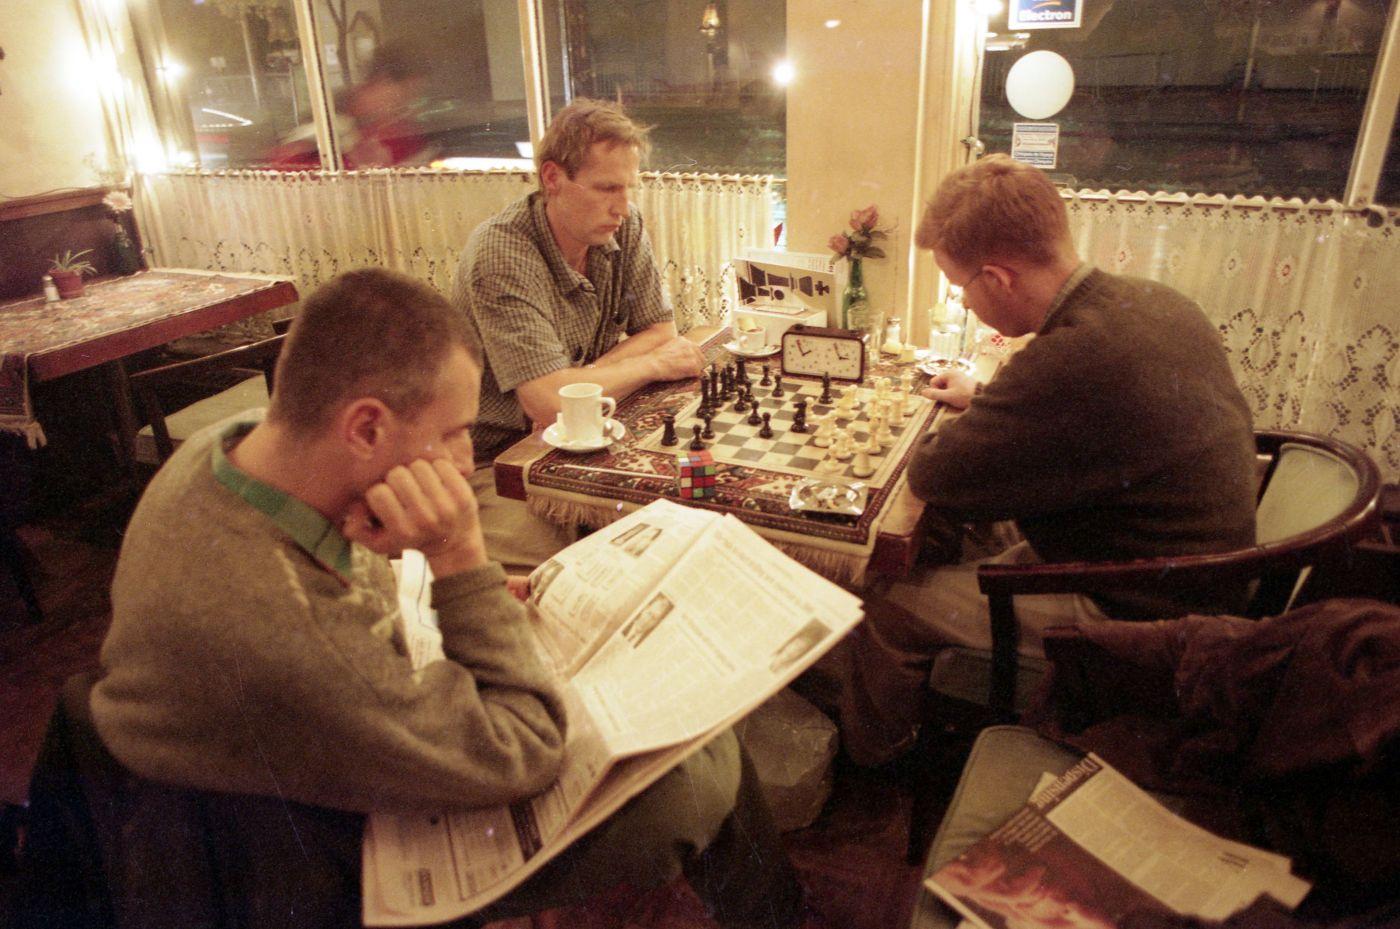 Photographie en couleur de trois hommes d'âge moyen, assis dans un café, le soir. Deux des hommes jouent aux échecs. Le troisième homme lit un journal à leur côté.